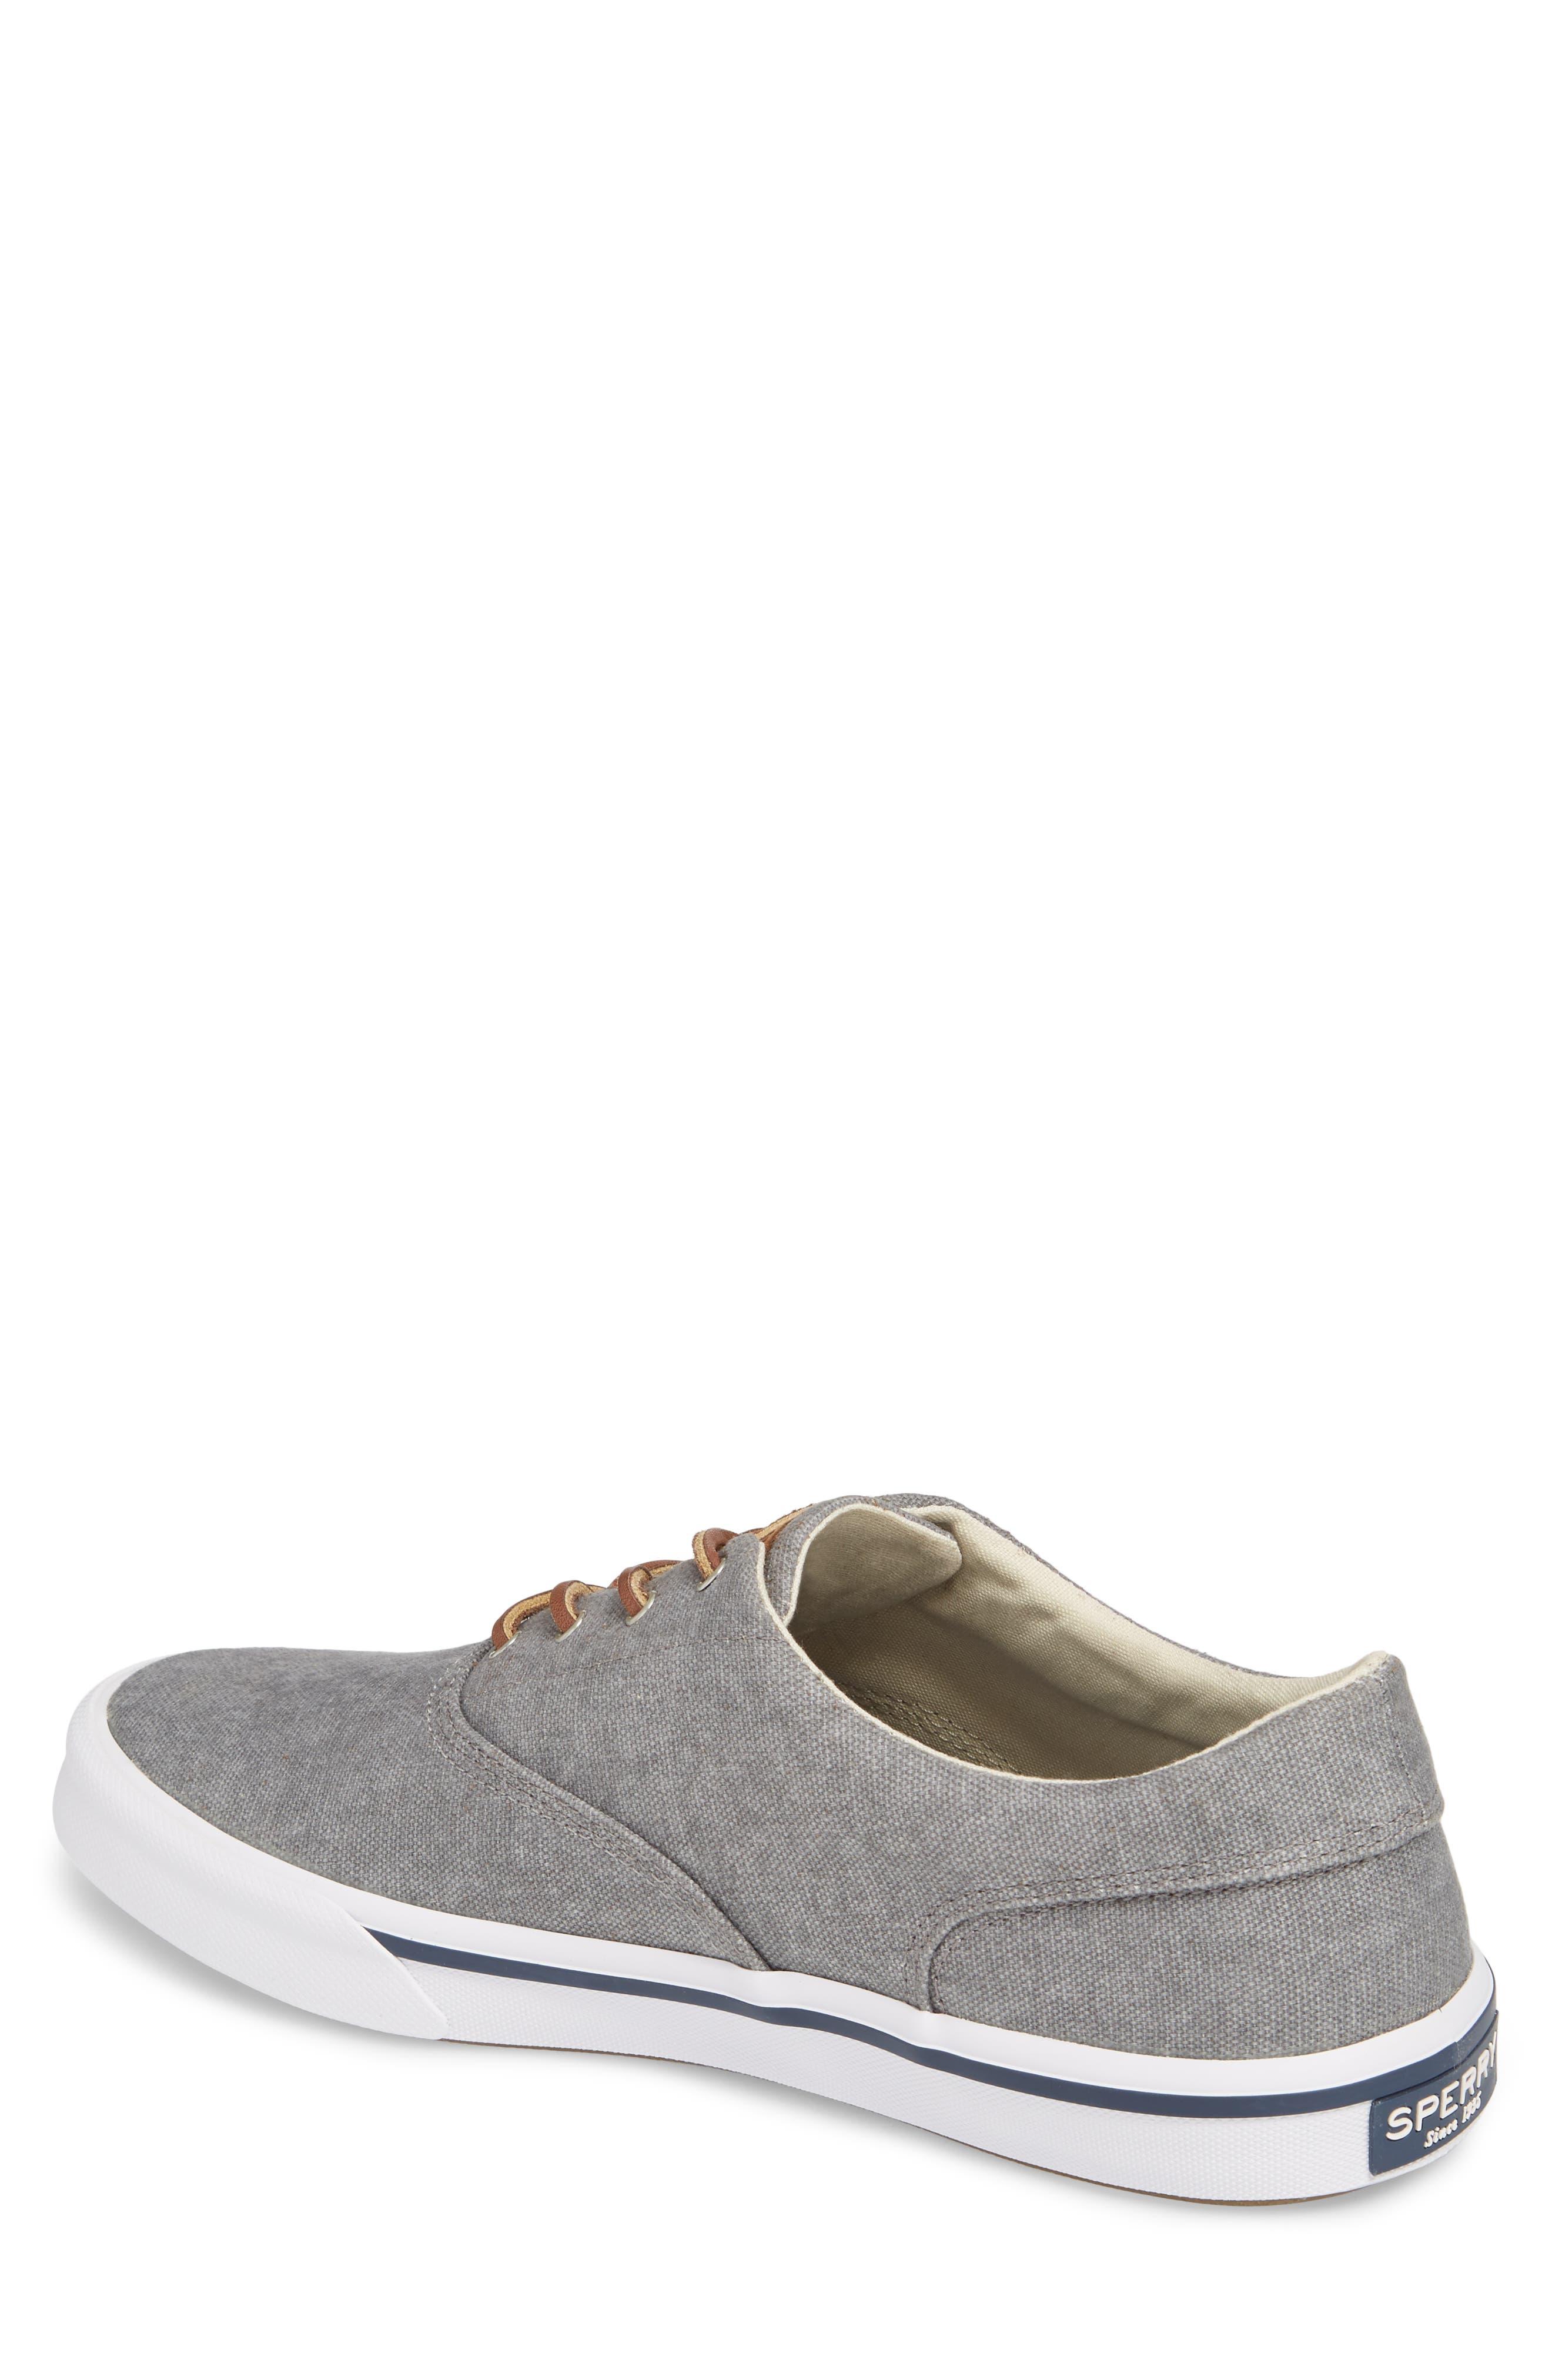 SPERRY, Striper 2 CVO Sneaker, Alternate thumbnail 2, color, 020